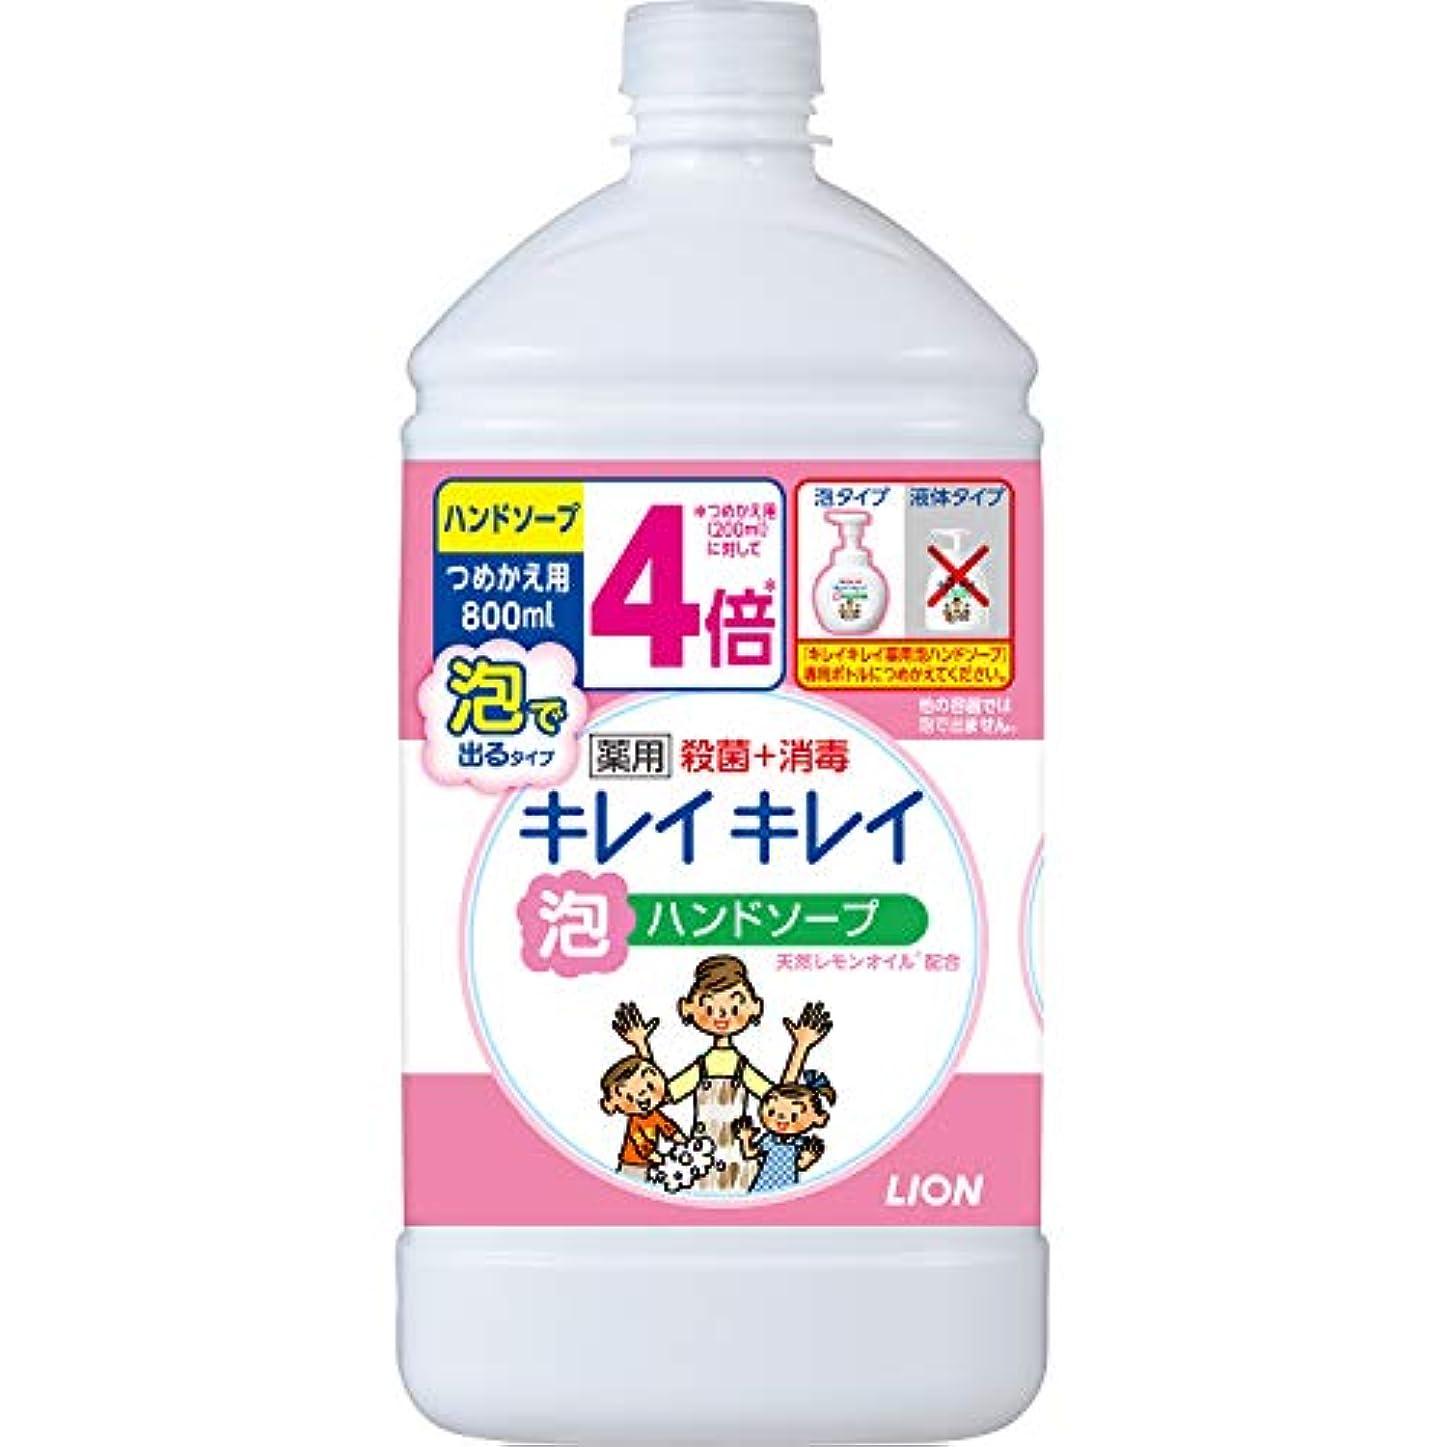 批判砂クリープ(医薬部外品)【大容量】キレイキレイ 薬用 泡ハンドソープ シトラスフルーティの香り 詰替特大 800ml